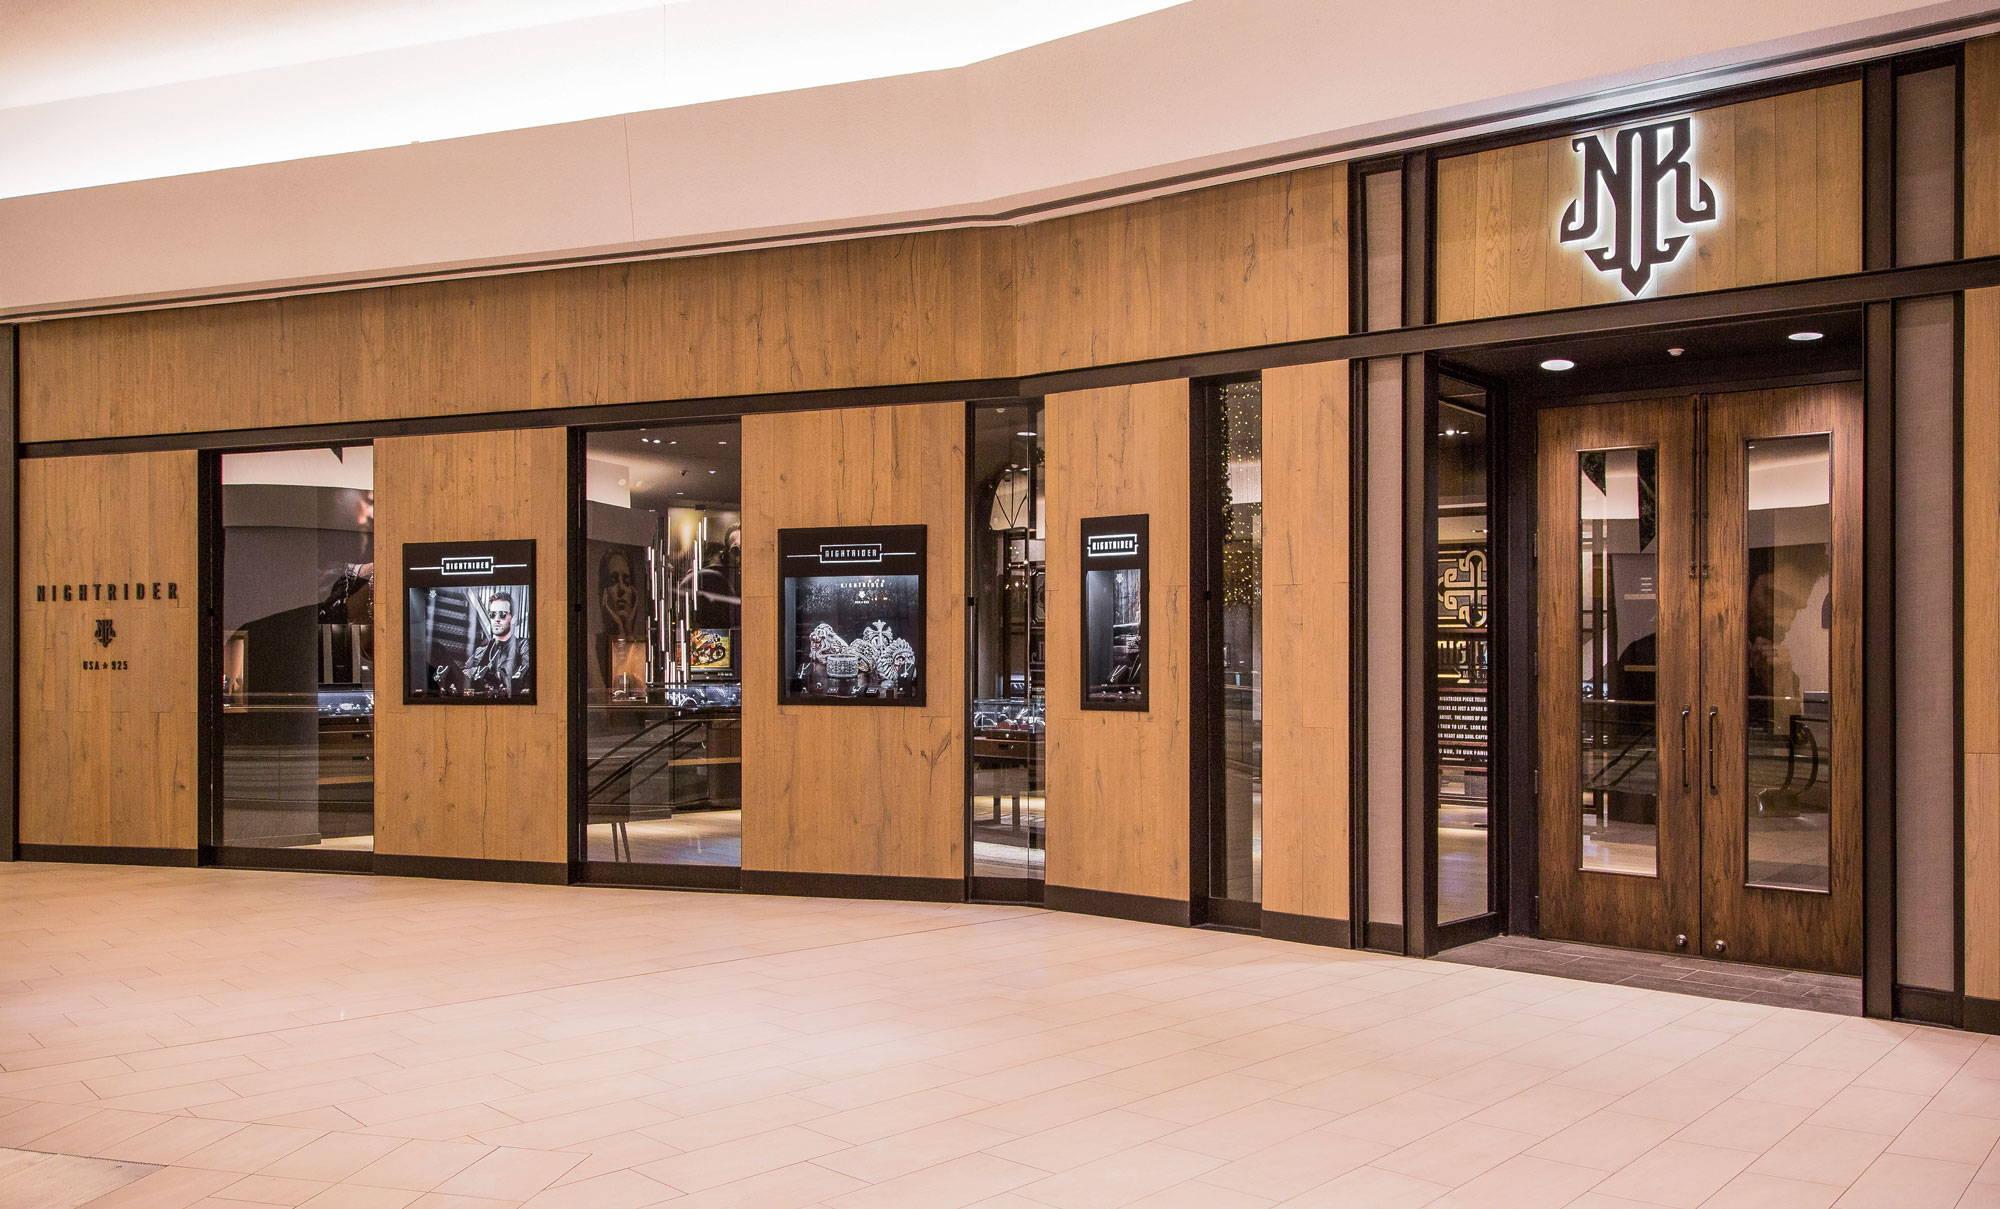 NightRider Jewelry Cherry Creek Shopping Center, Denver, Colorado - Exterior